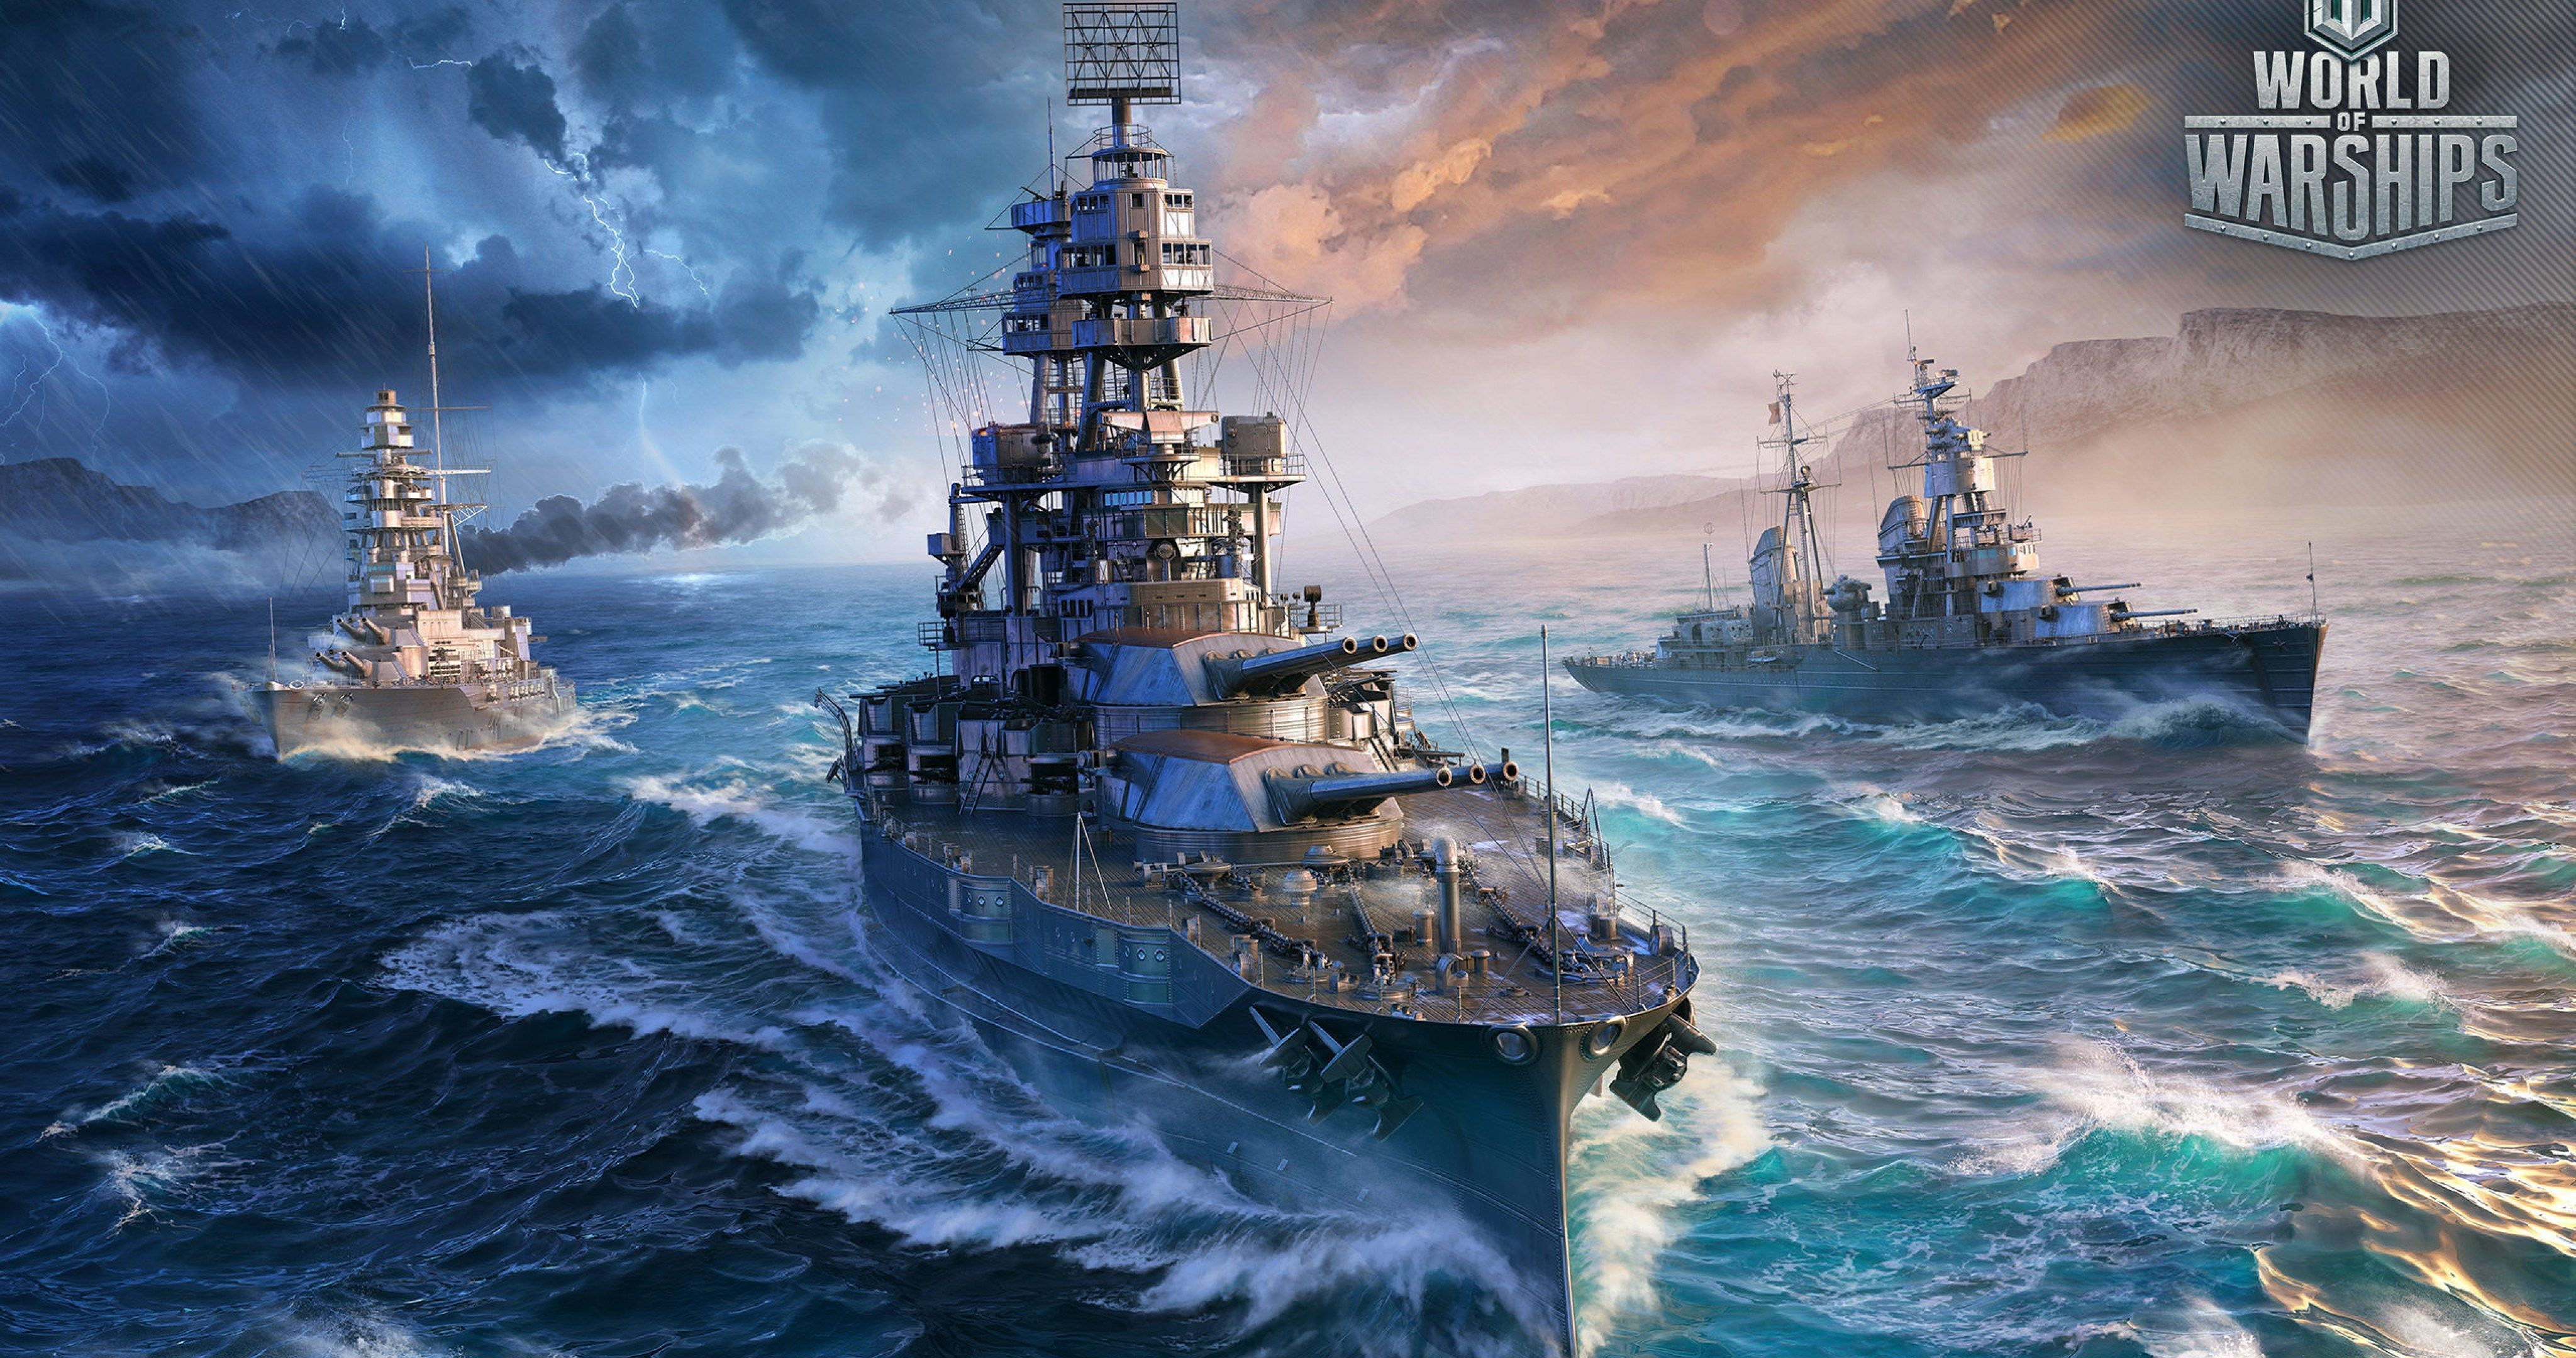 Battleship Wallpapers Top Free Battleship Backgrounds